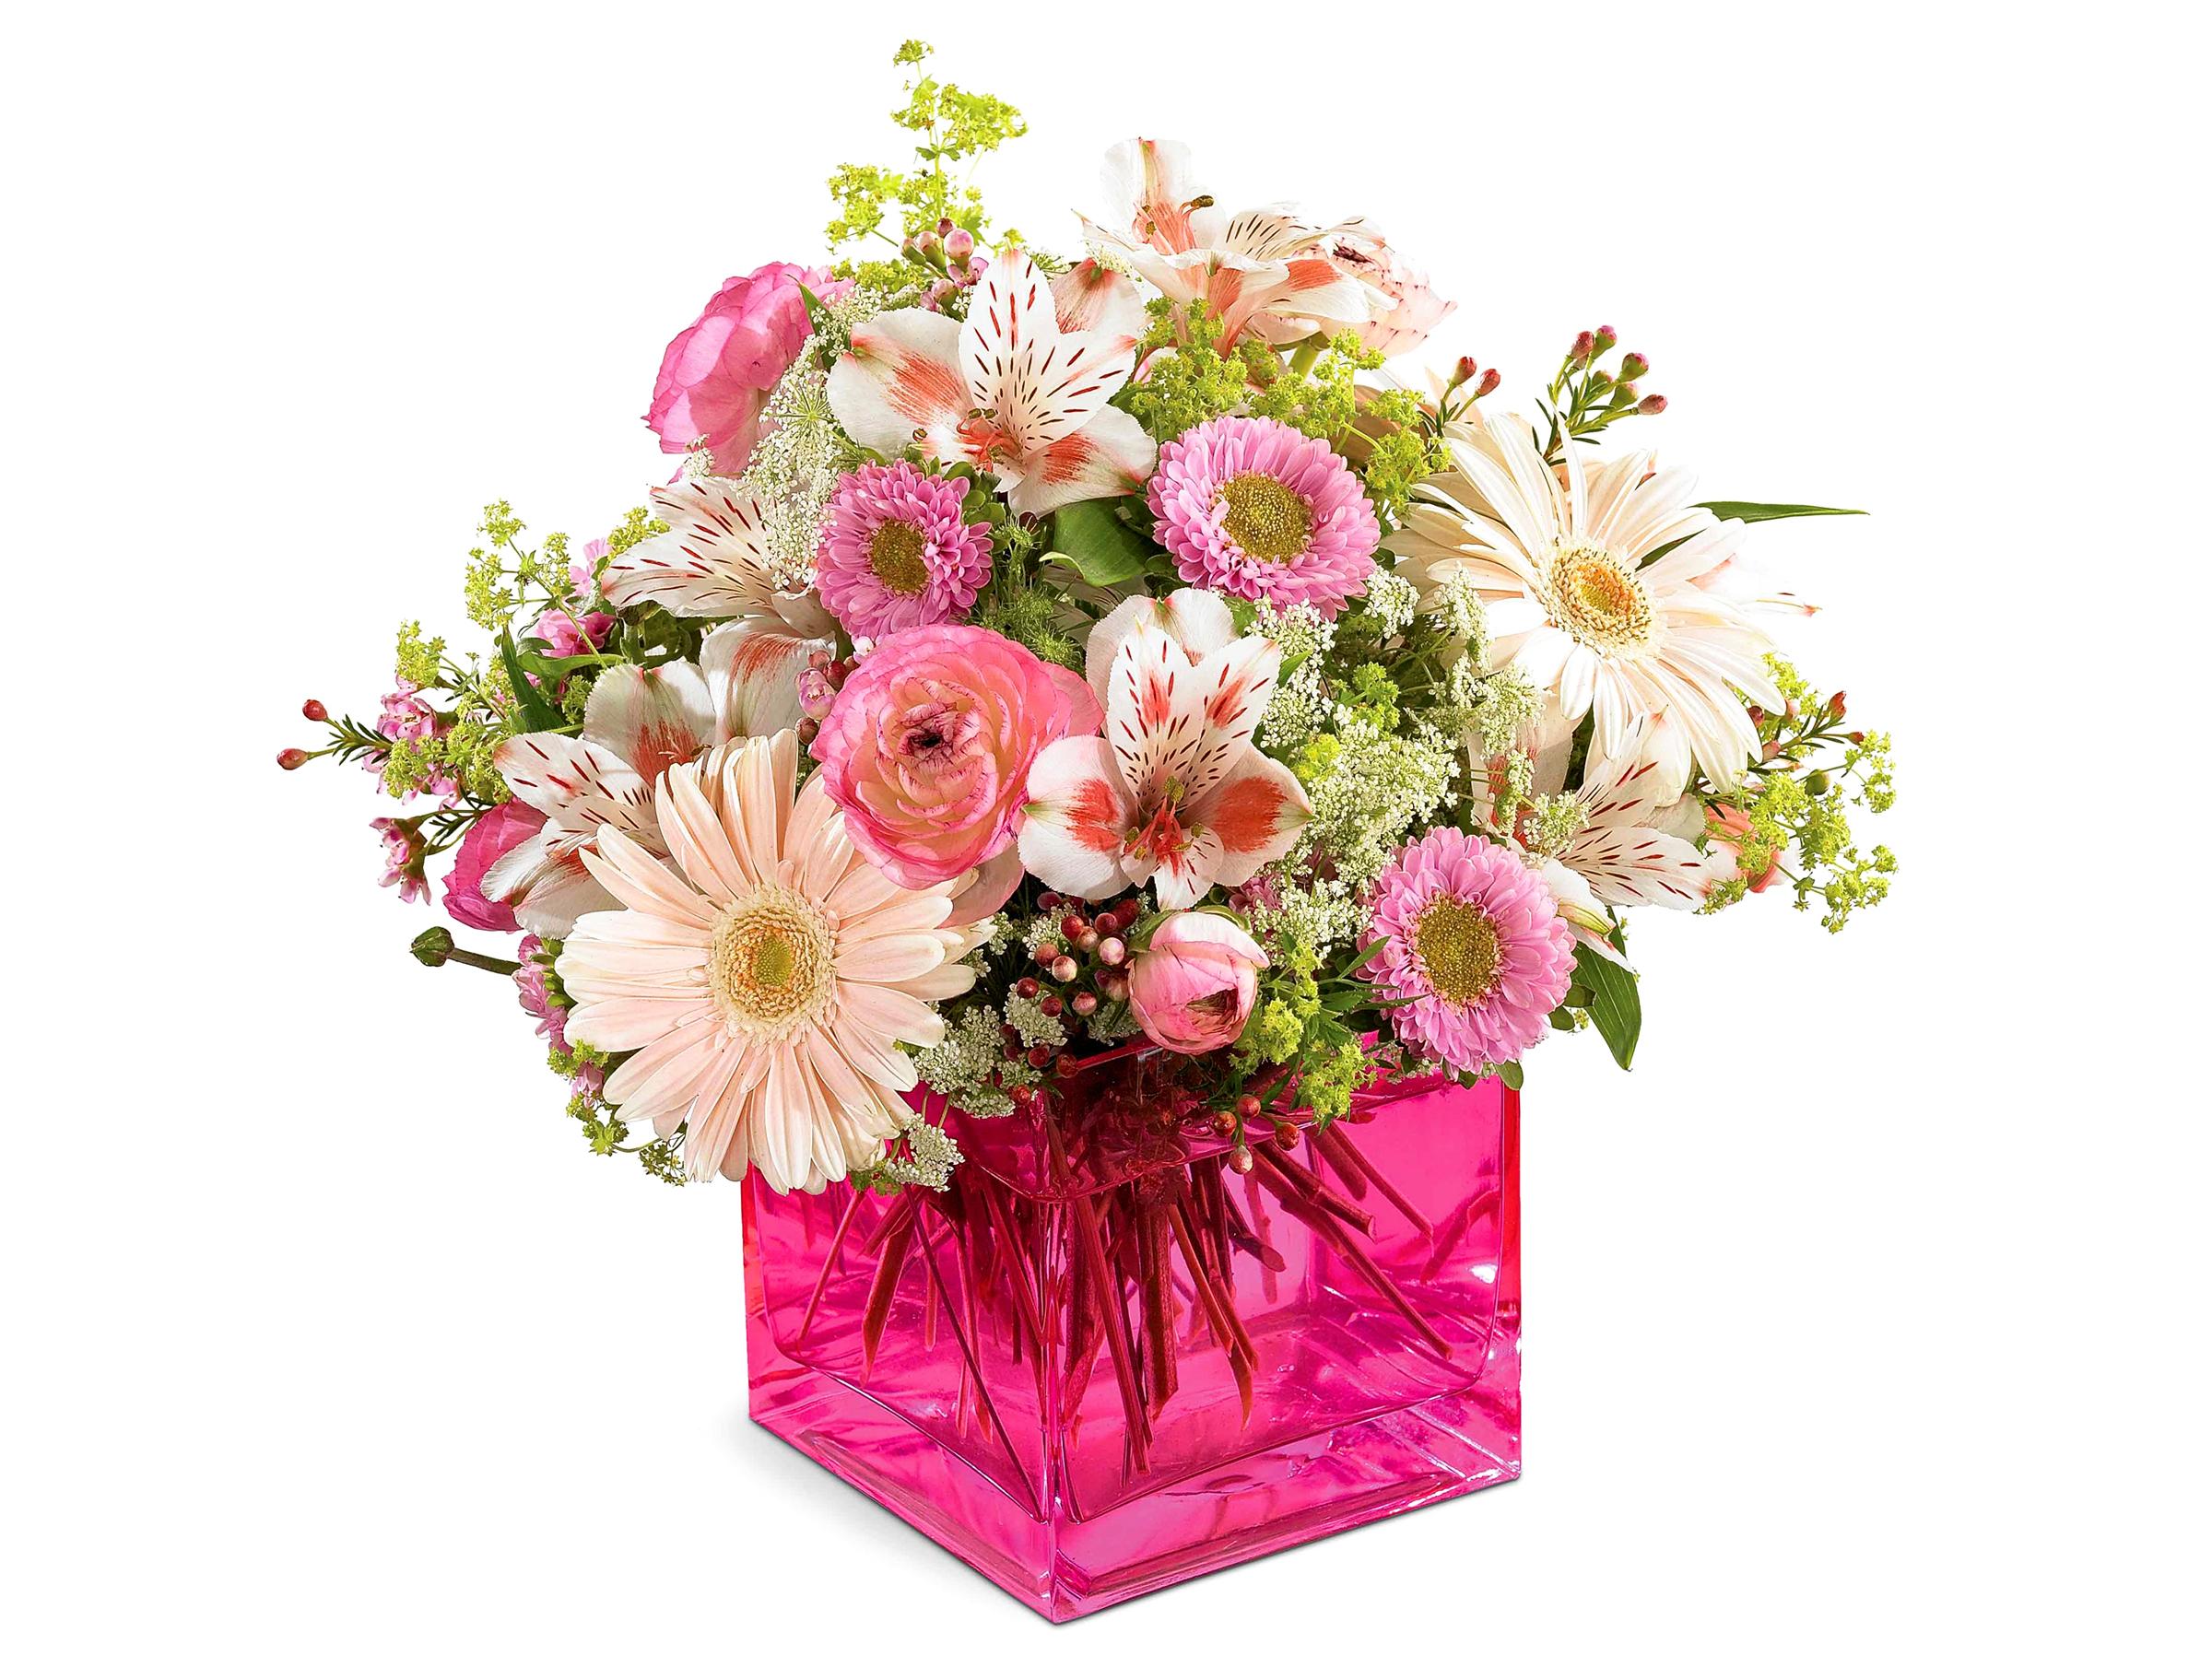 плюсами этого красивые букеты из живых цветов с поздравлением продукта исключительно